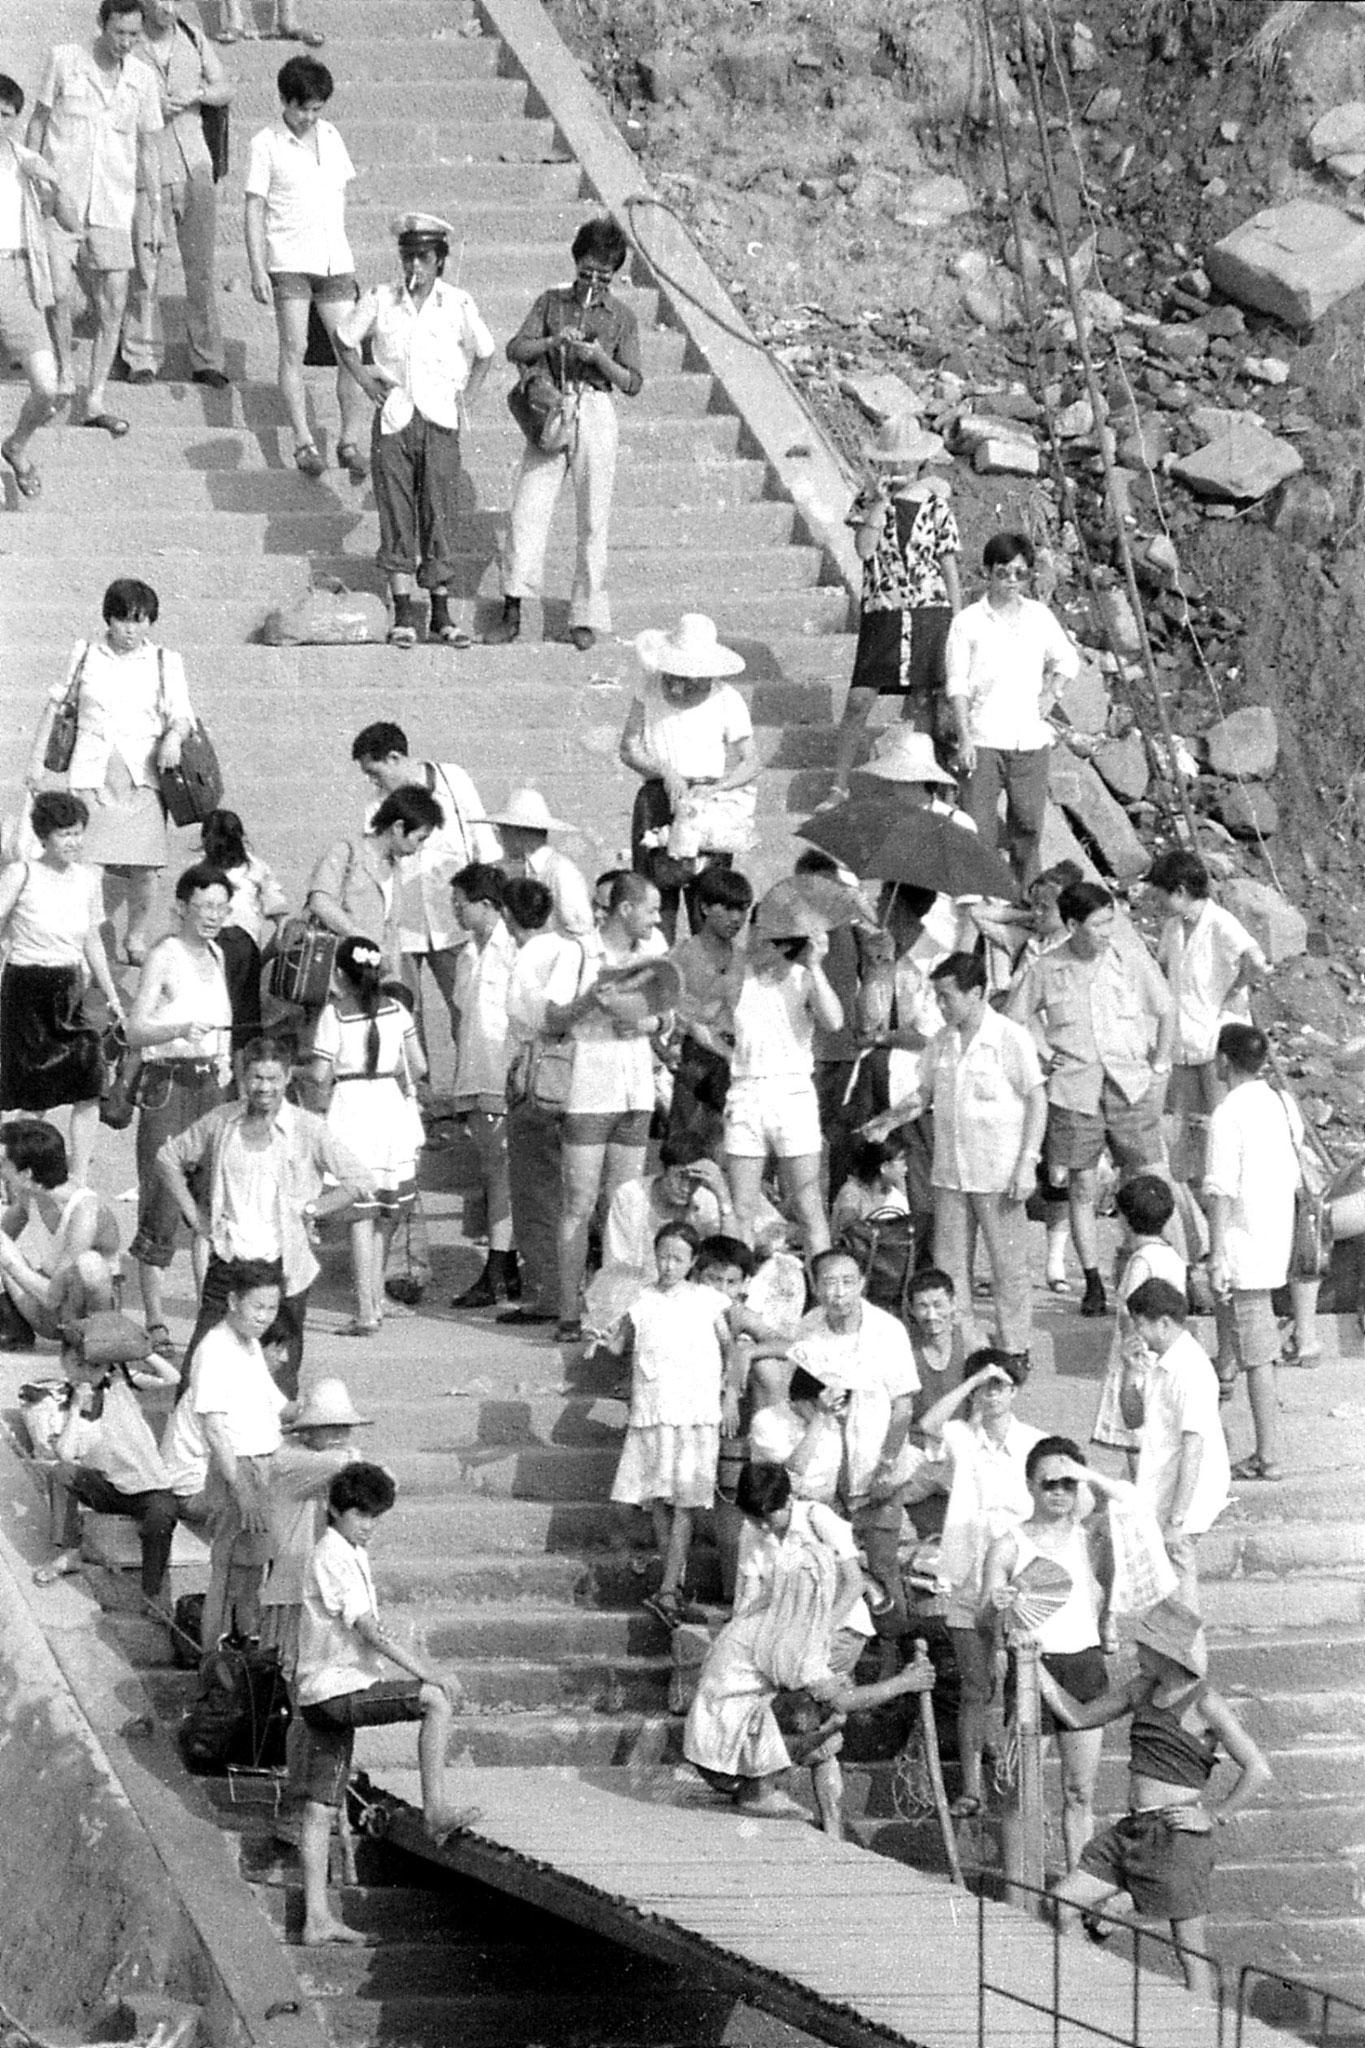 11/8/1989: 29: 0935hrs Wanxian